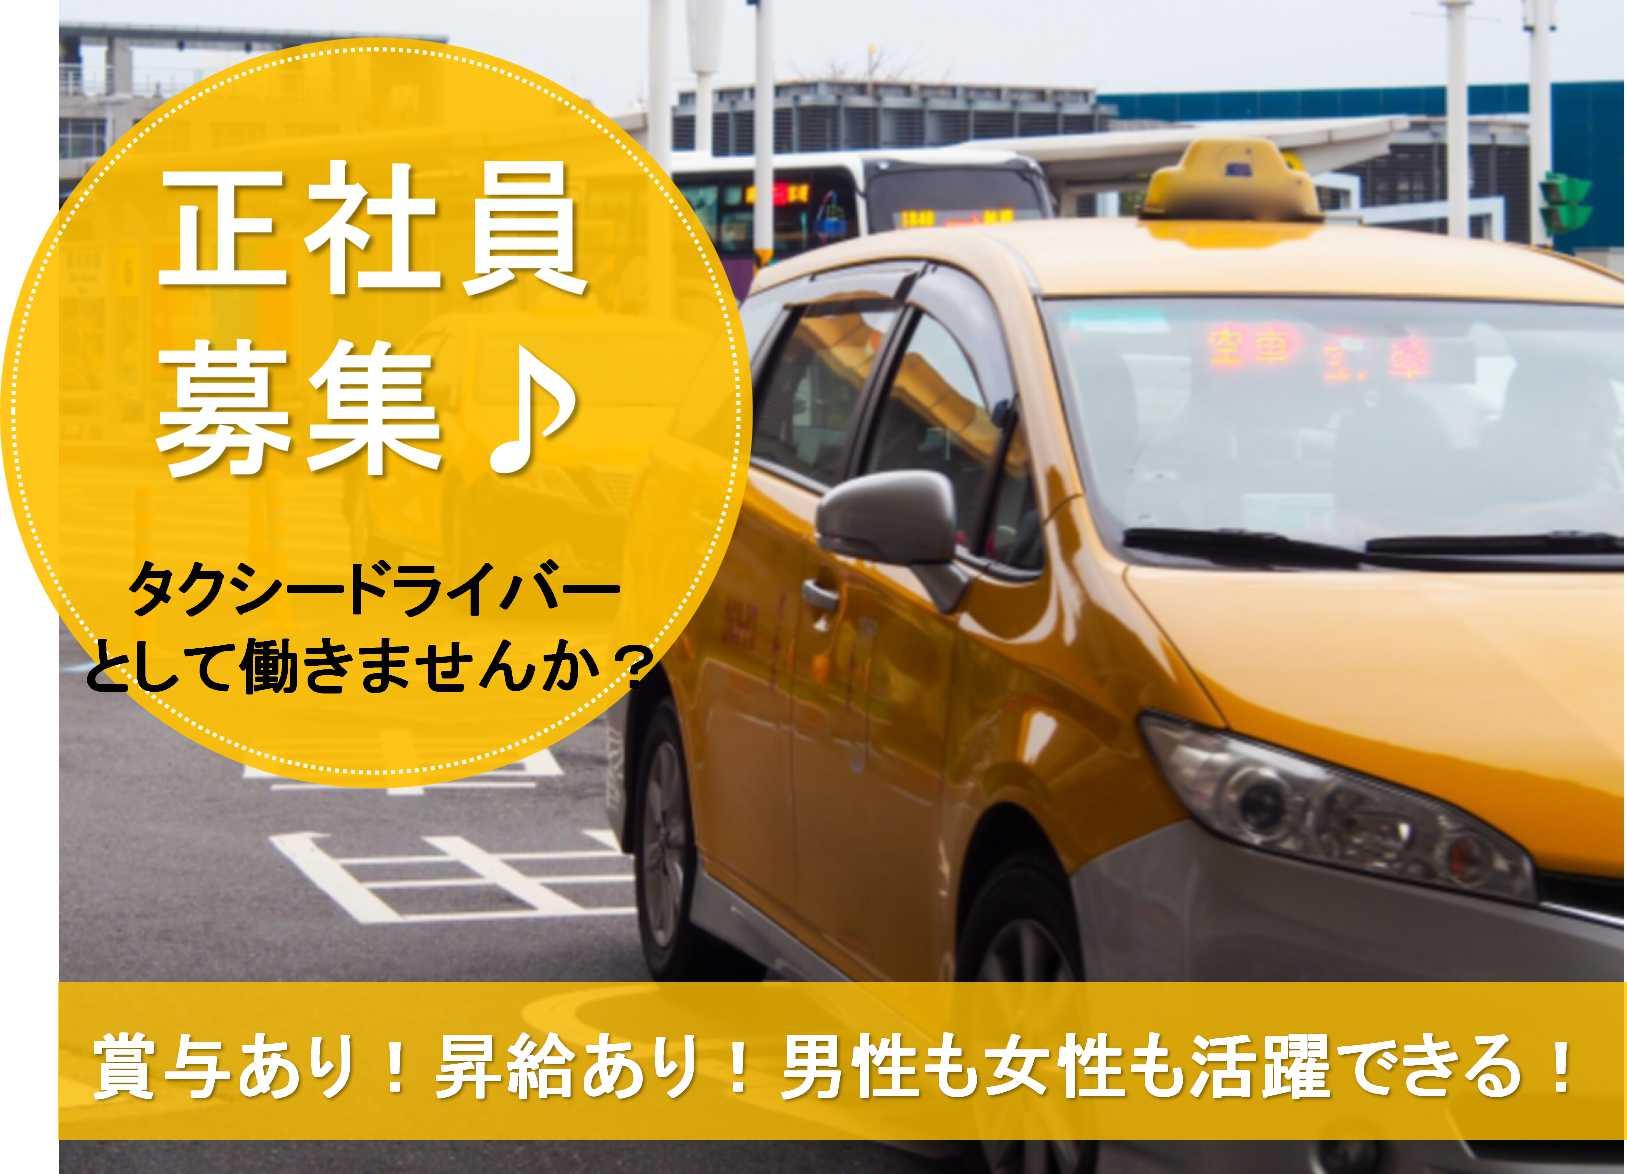 入社後に2種免許取得可能!未経験OKのタクシードライバー【即面談可能】 イメージ